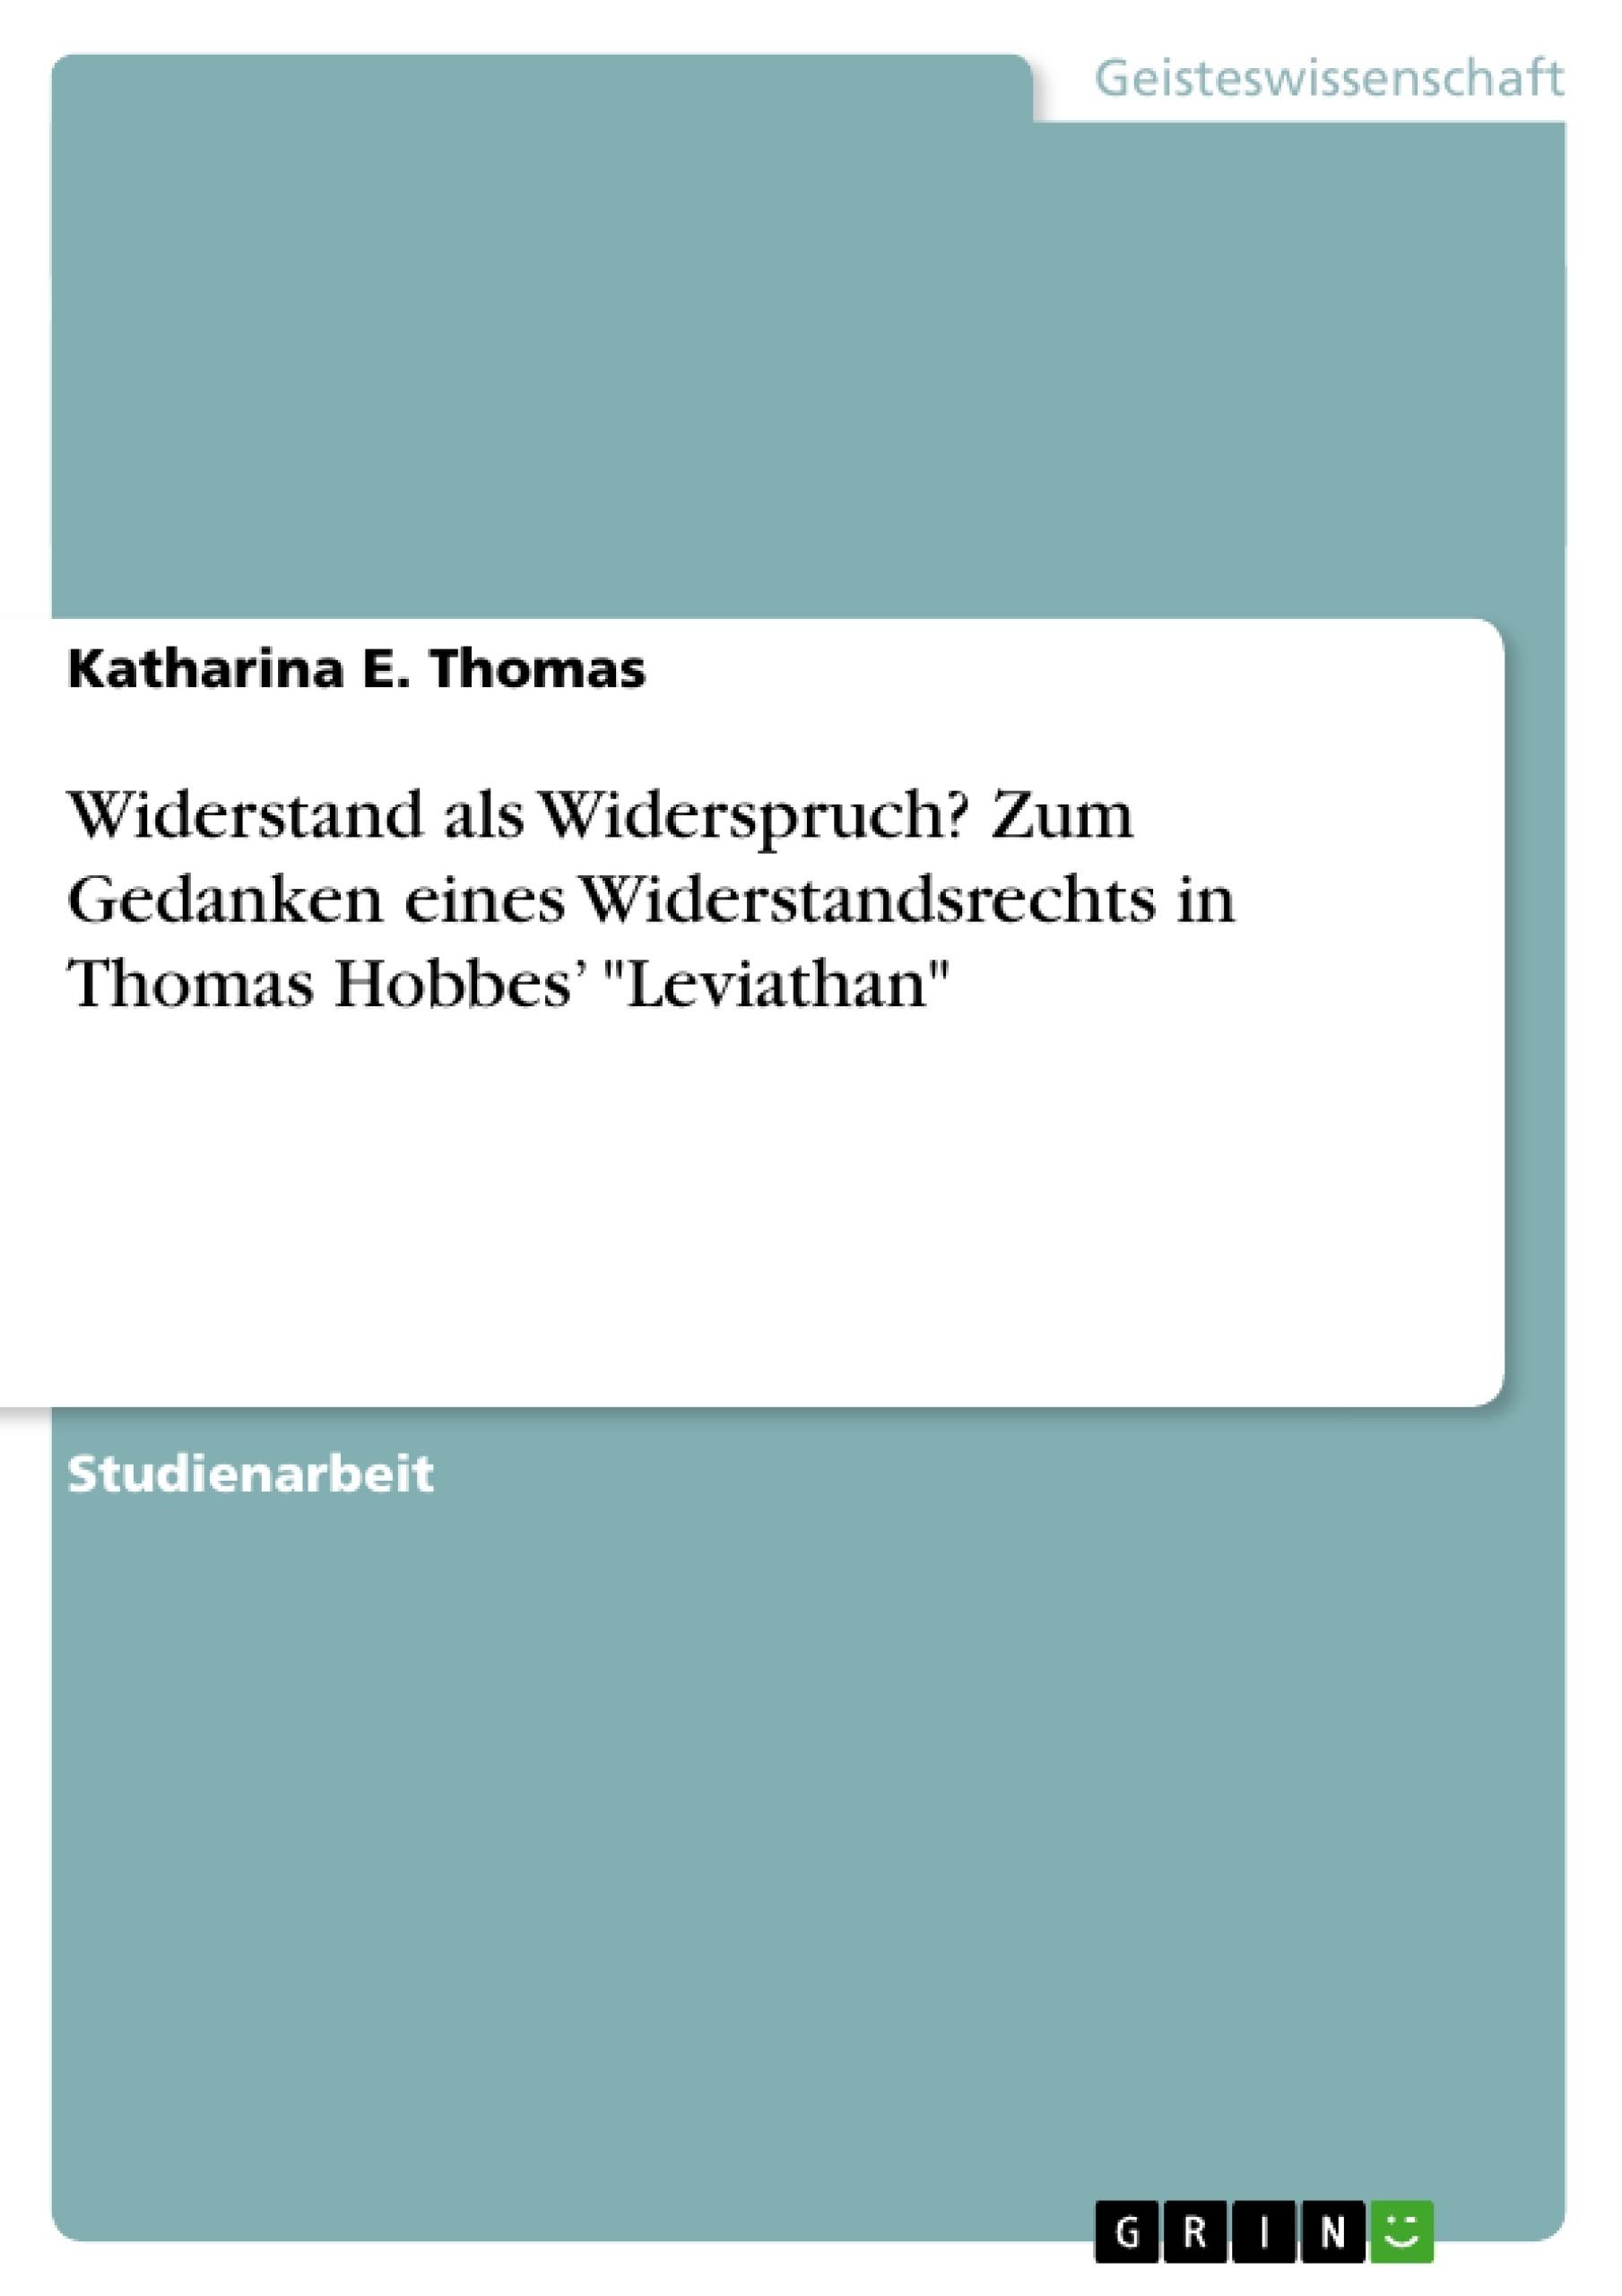 """Titel: Widerstand als Widerspruch? Zum Gedanken eines Widerstandsrechts in Thomas Hobbes' """"Leviathan"""""""